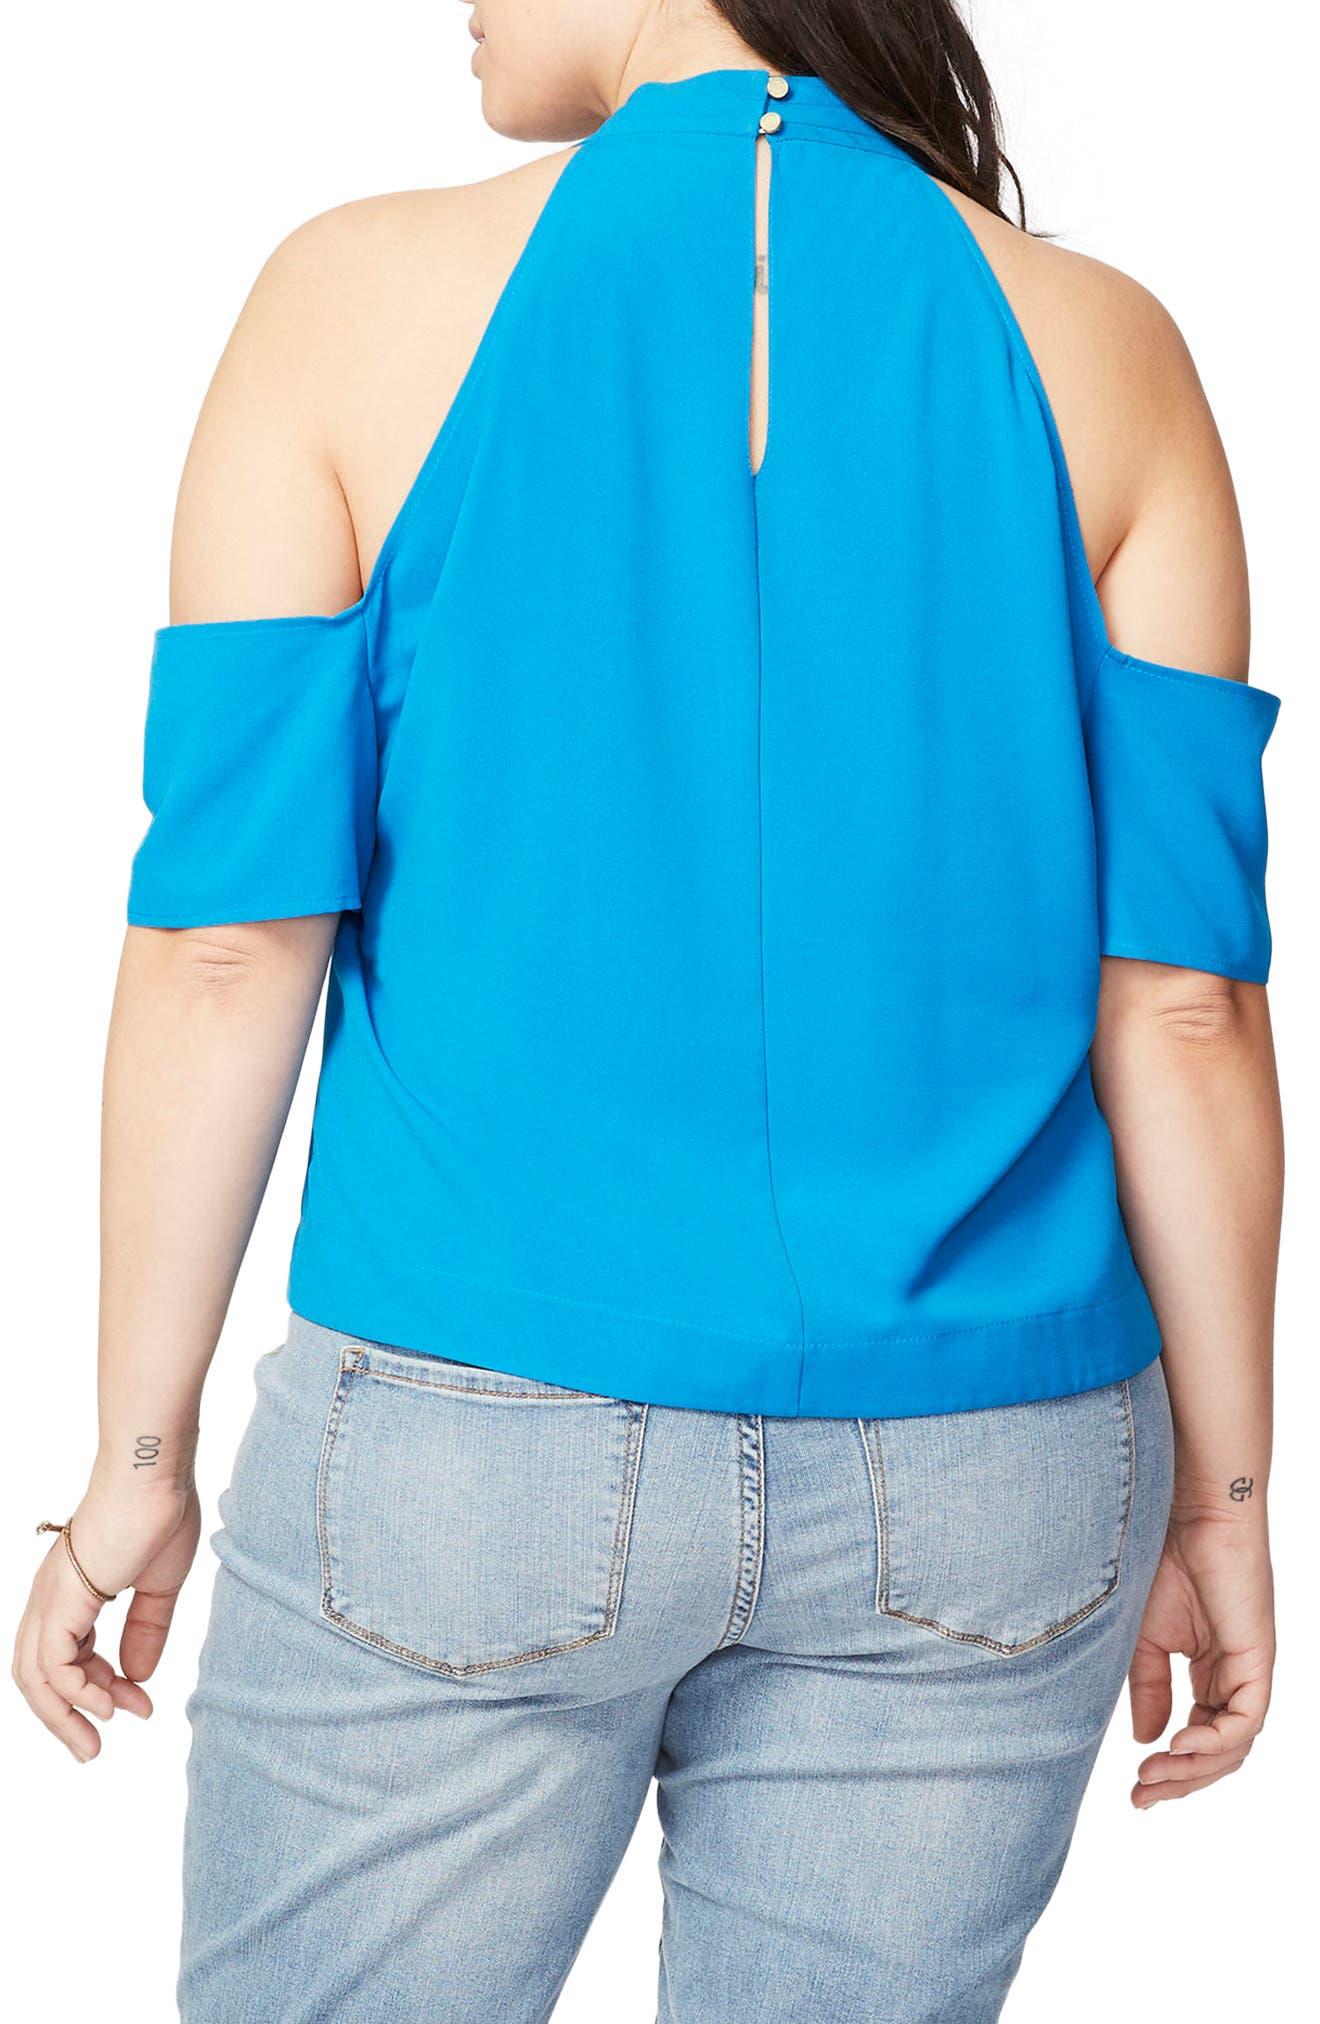 Alternate Image 2  - Rachel Roy Cold Shoulder Crisscross Top (Plus Size)